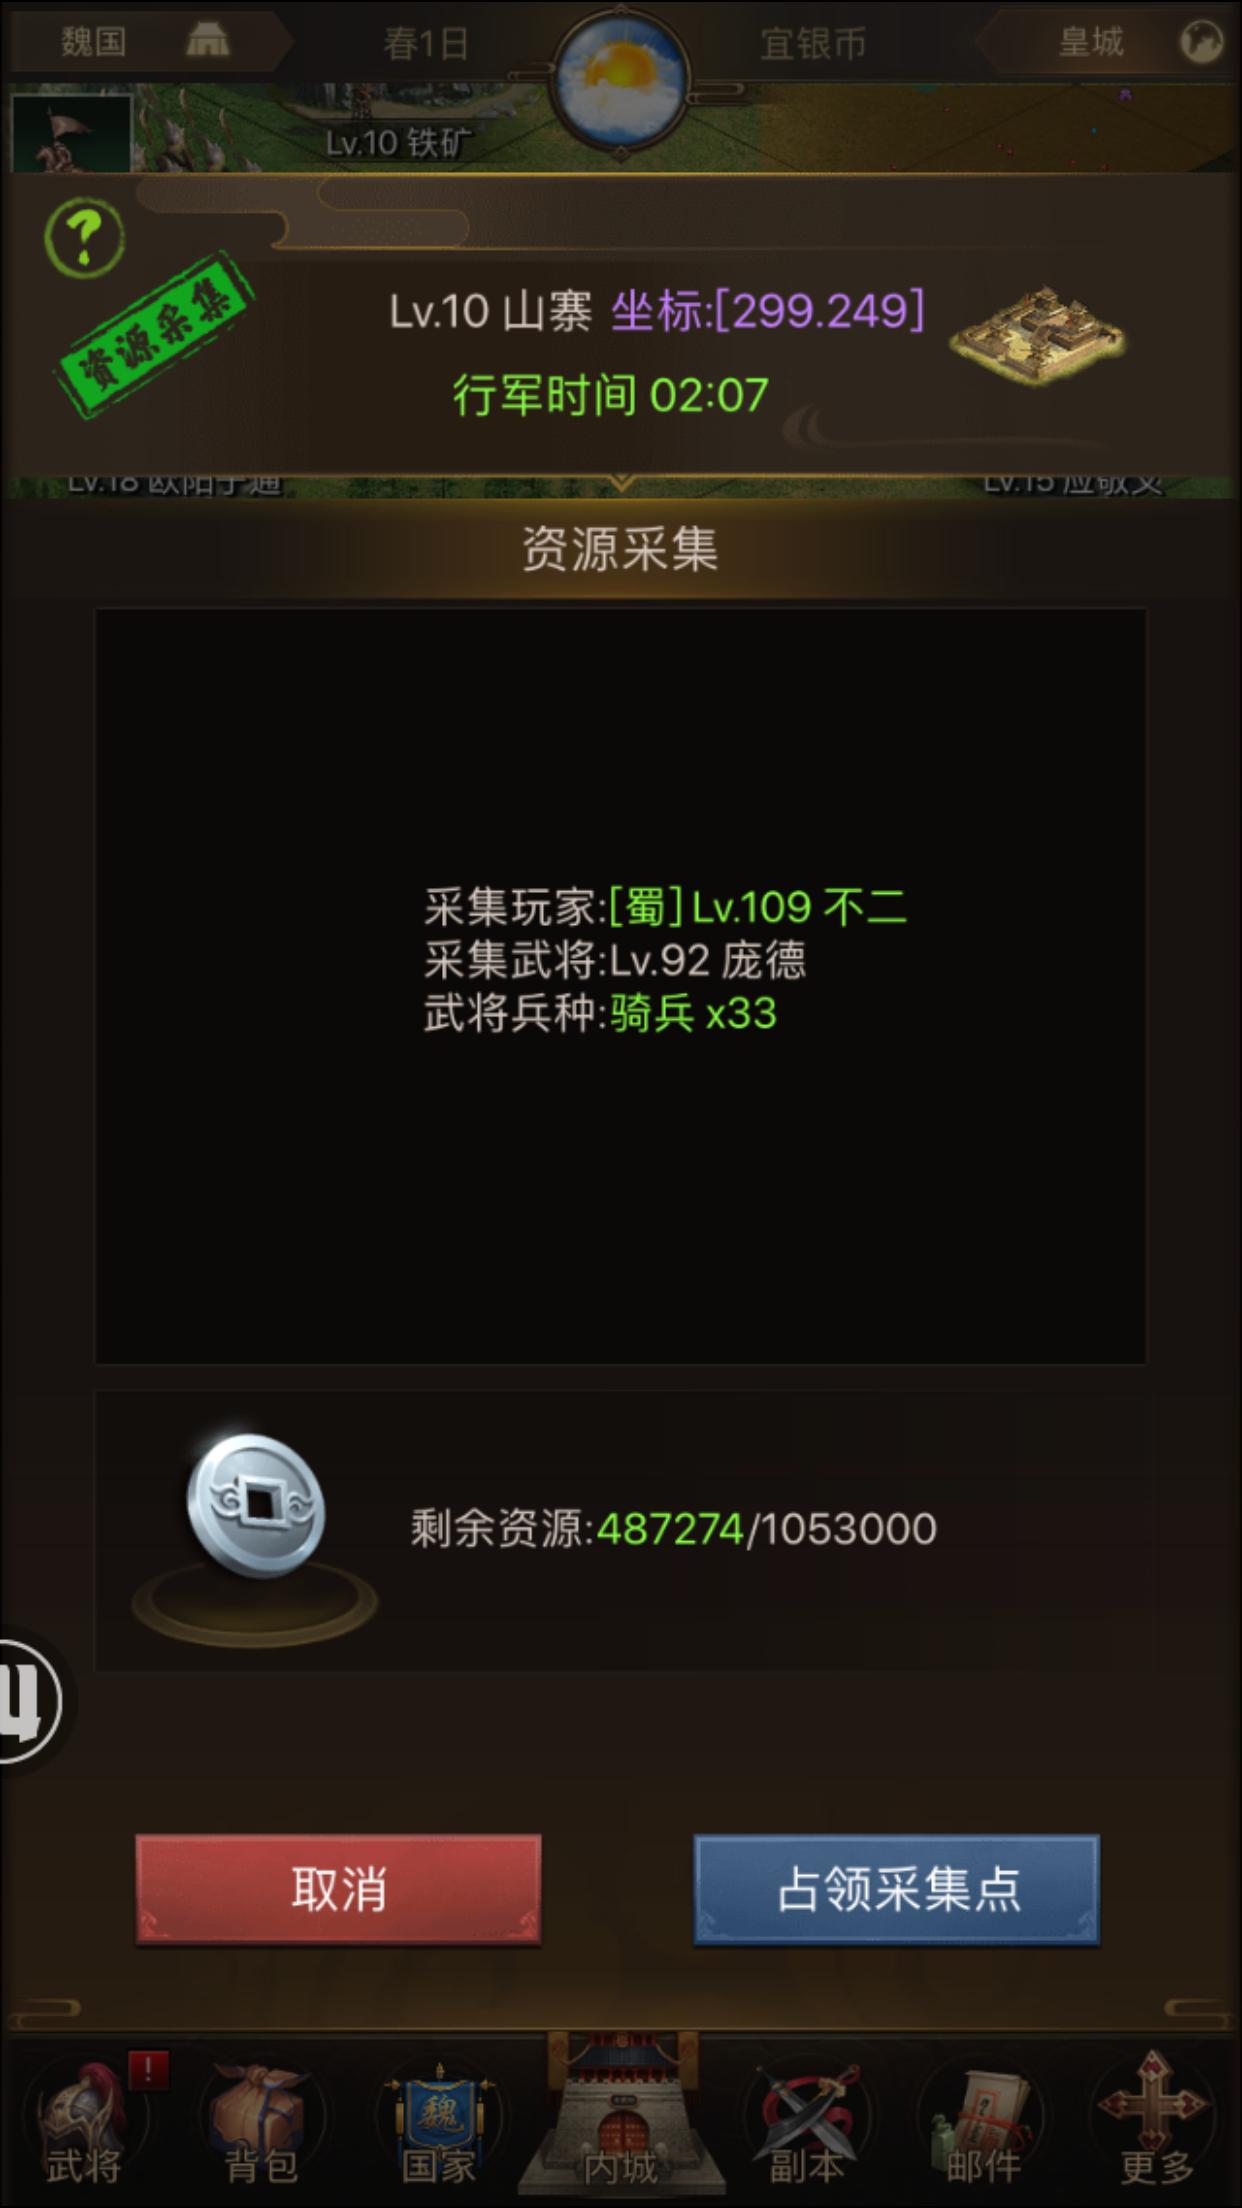 0205961F-E70F-45BD-B946-4568393E4288.png